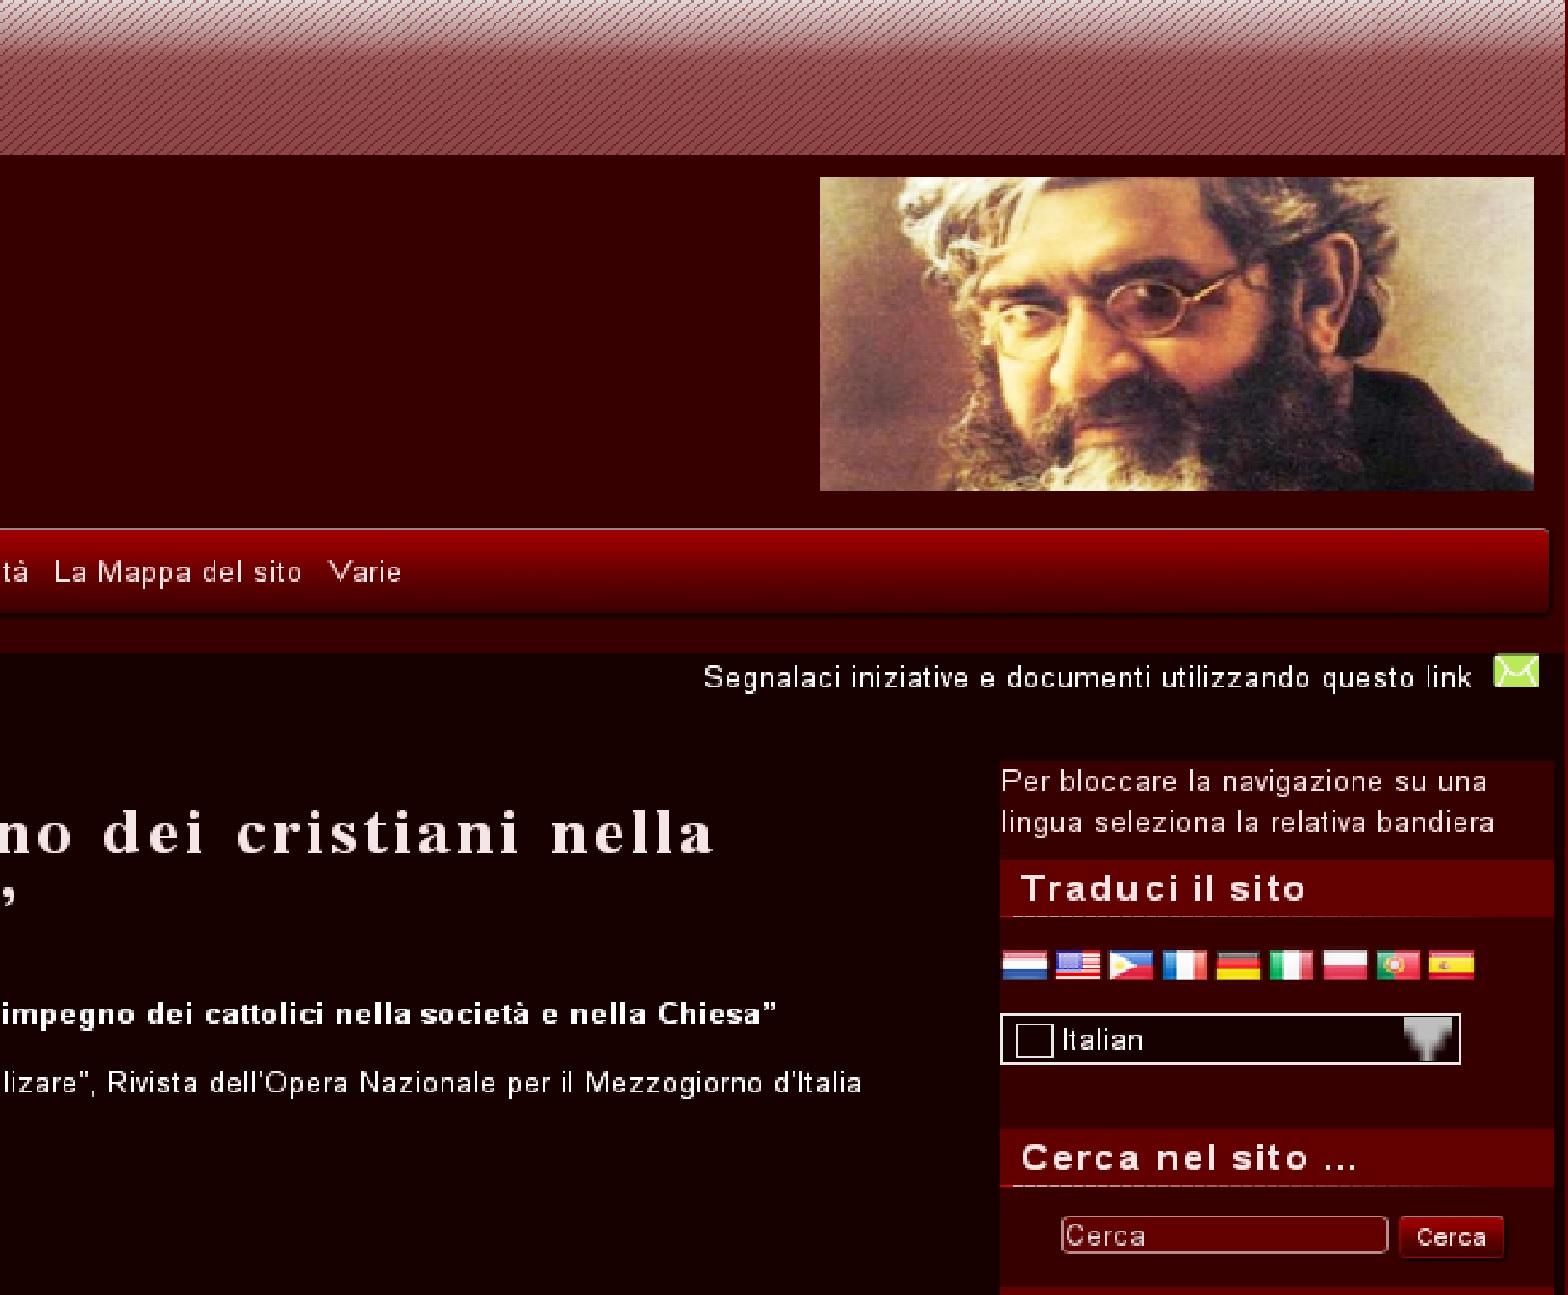 Studi Semeriani: traduzione istantanea